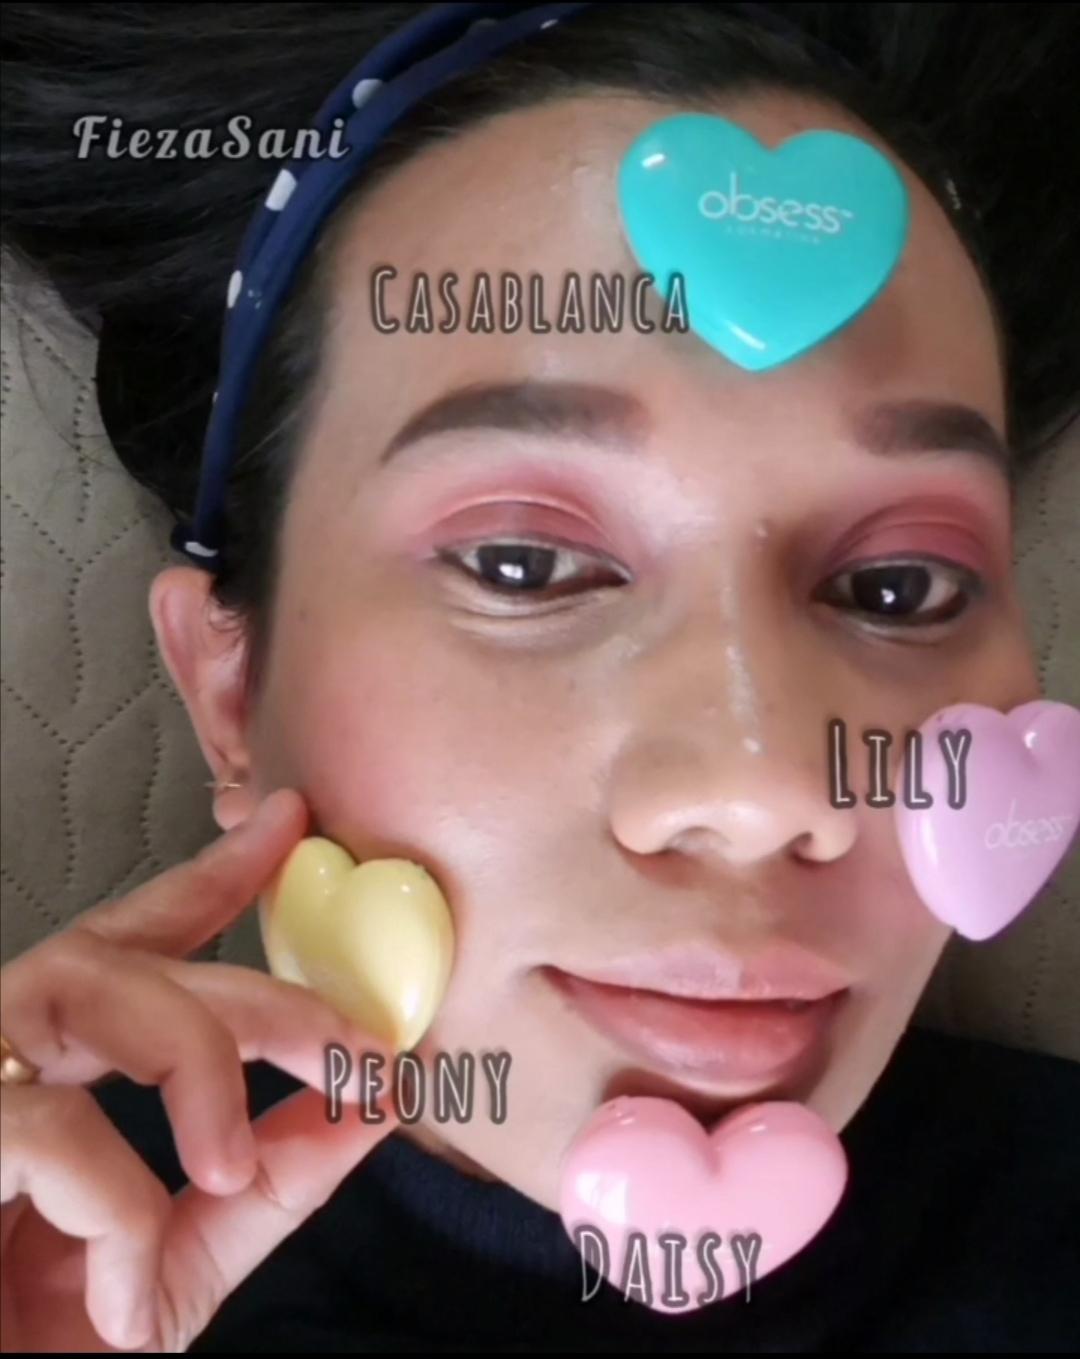 barang mekap, obsess cosmetic blusher, kelebihan blusher obsess, harga blusher obsess,